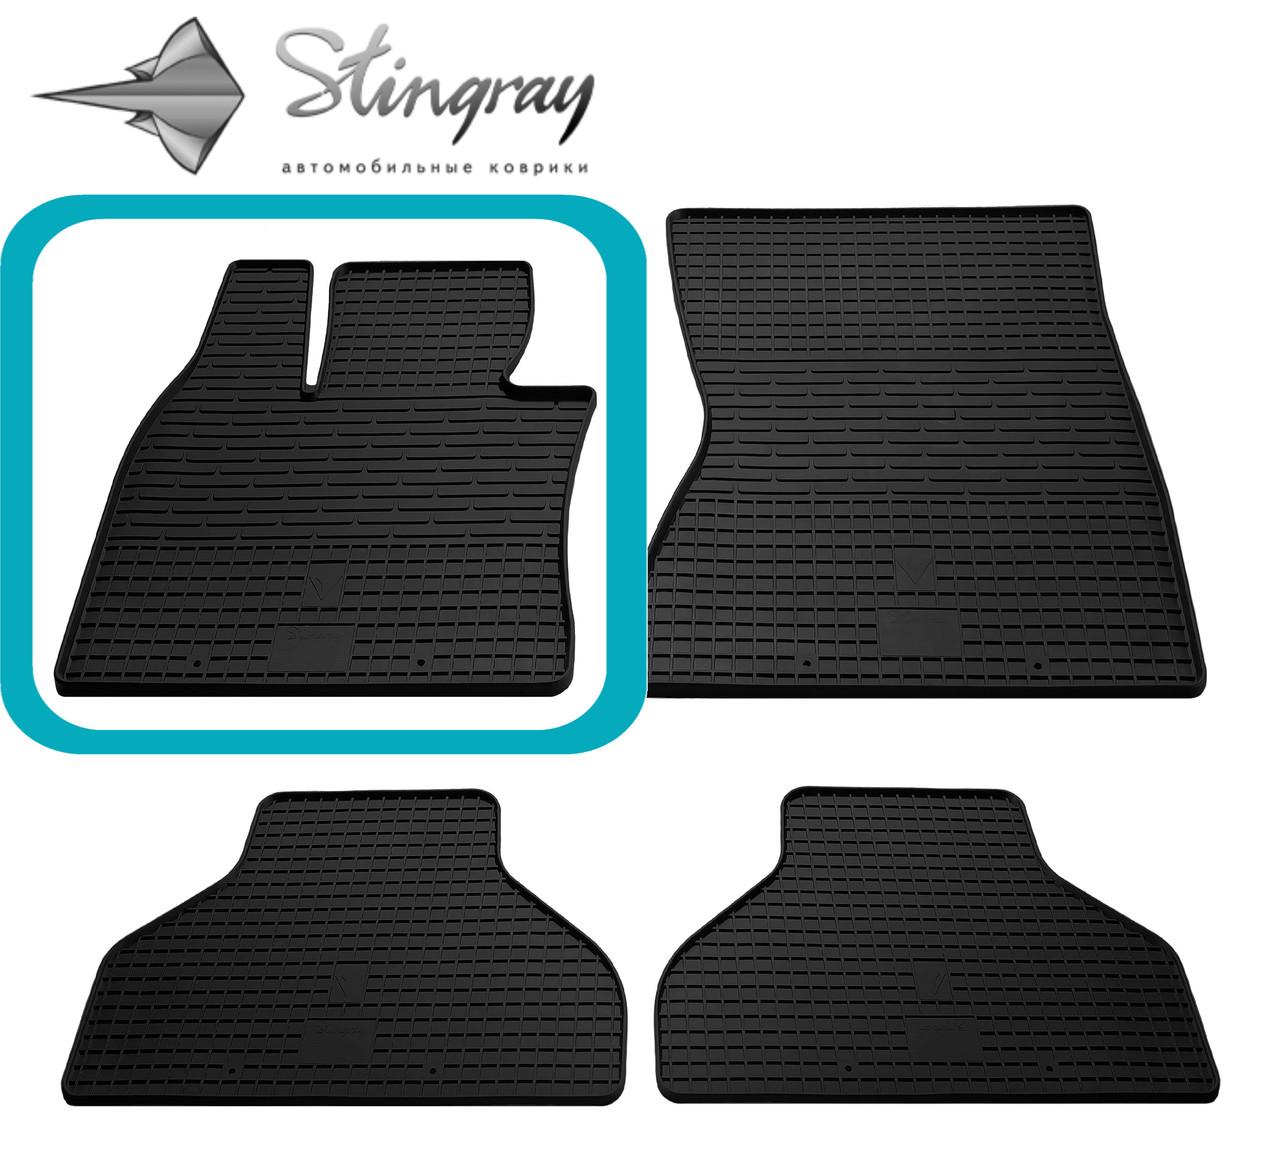 BMW X5 (E70) 2007-2012 Водительский коврик Черный в салон - Stingray® официальный магазин производителя резиновых автоковриков. в Львове